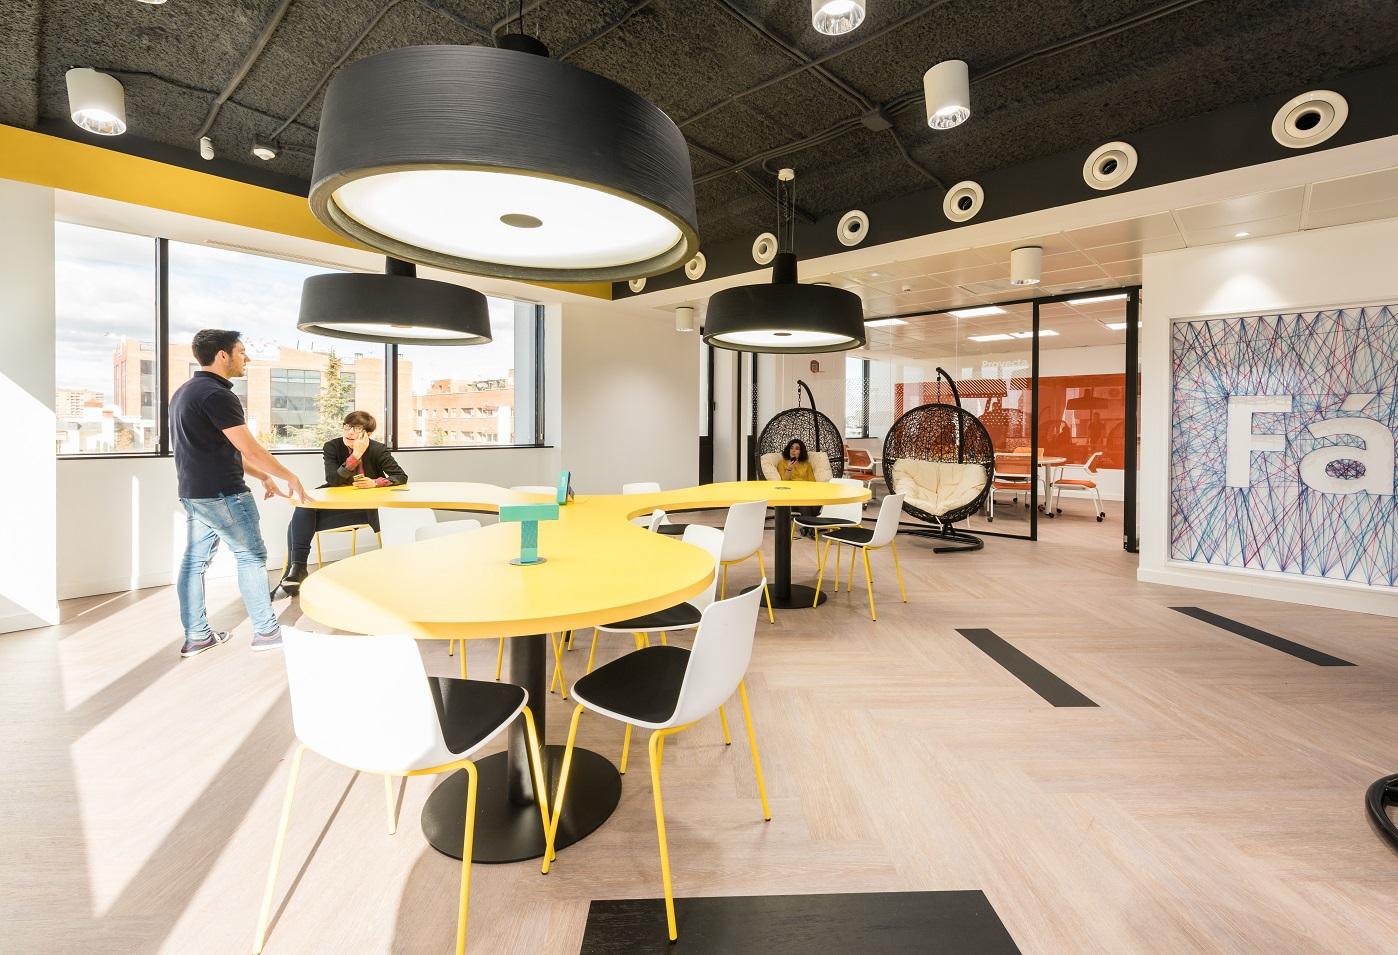 Wizink tu banco senzillo nueva sede en madrid proyecto for Imagenes de fachadas de oficinas modernas